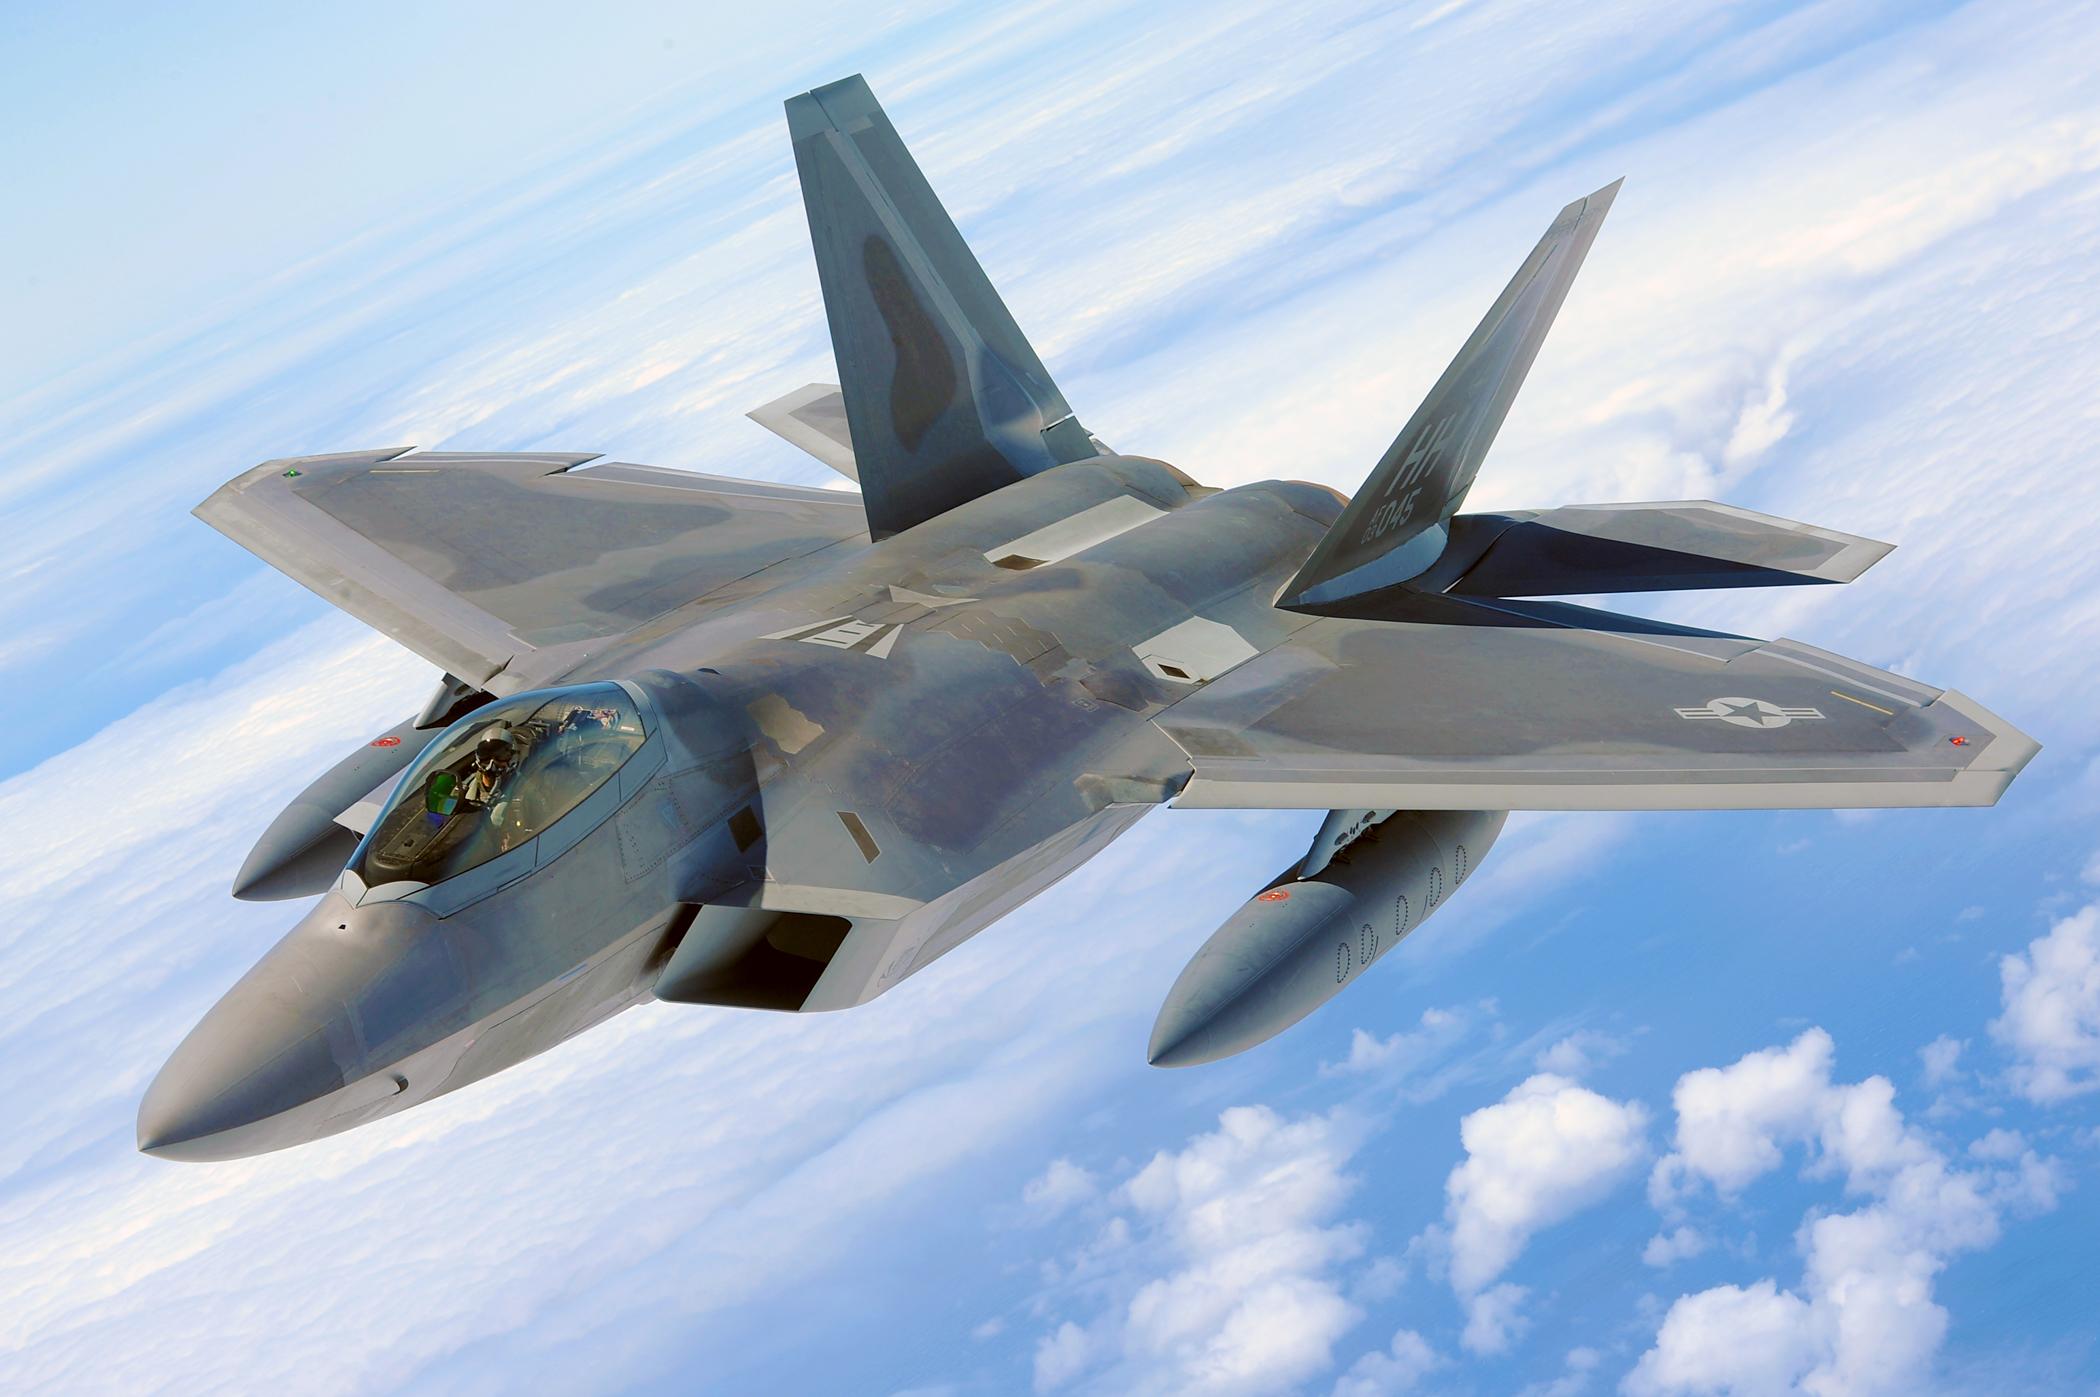 بالصور اسرع 10 طائرات في العالم,اسرع طائرات بالعالم 290 8